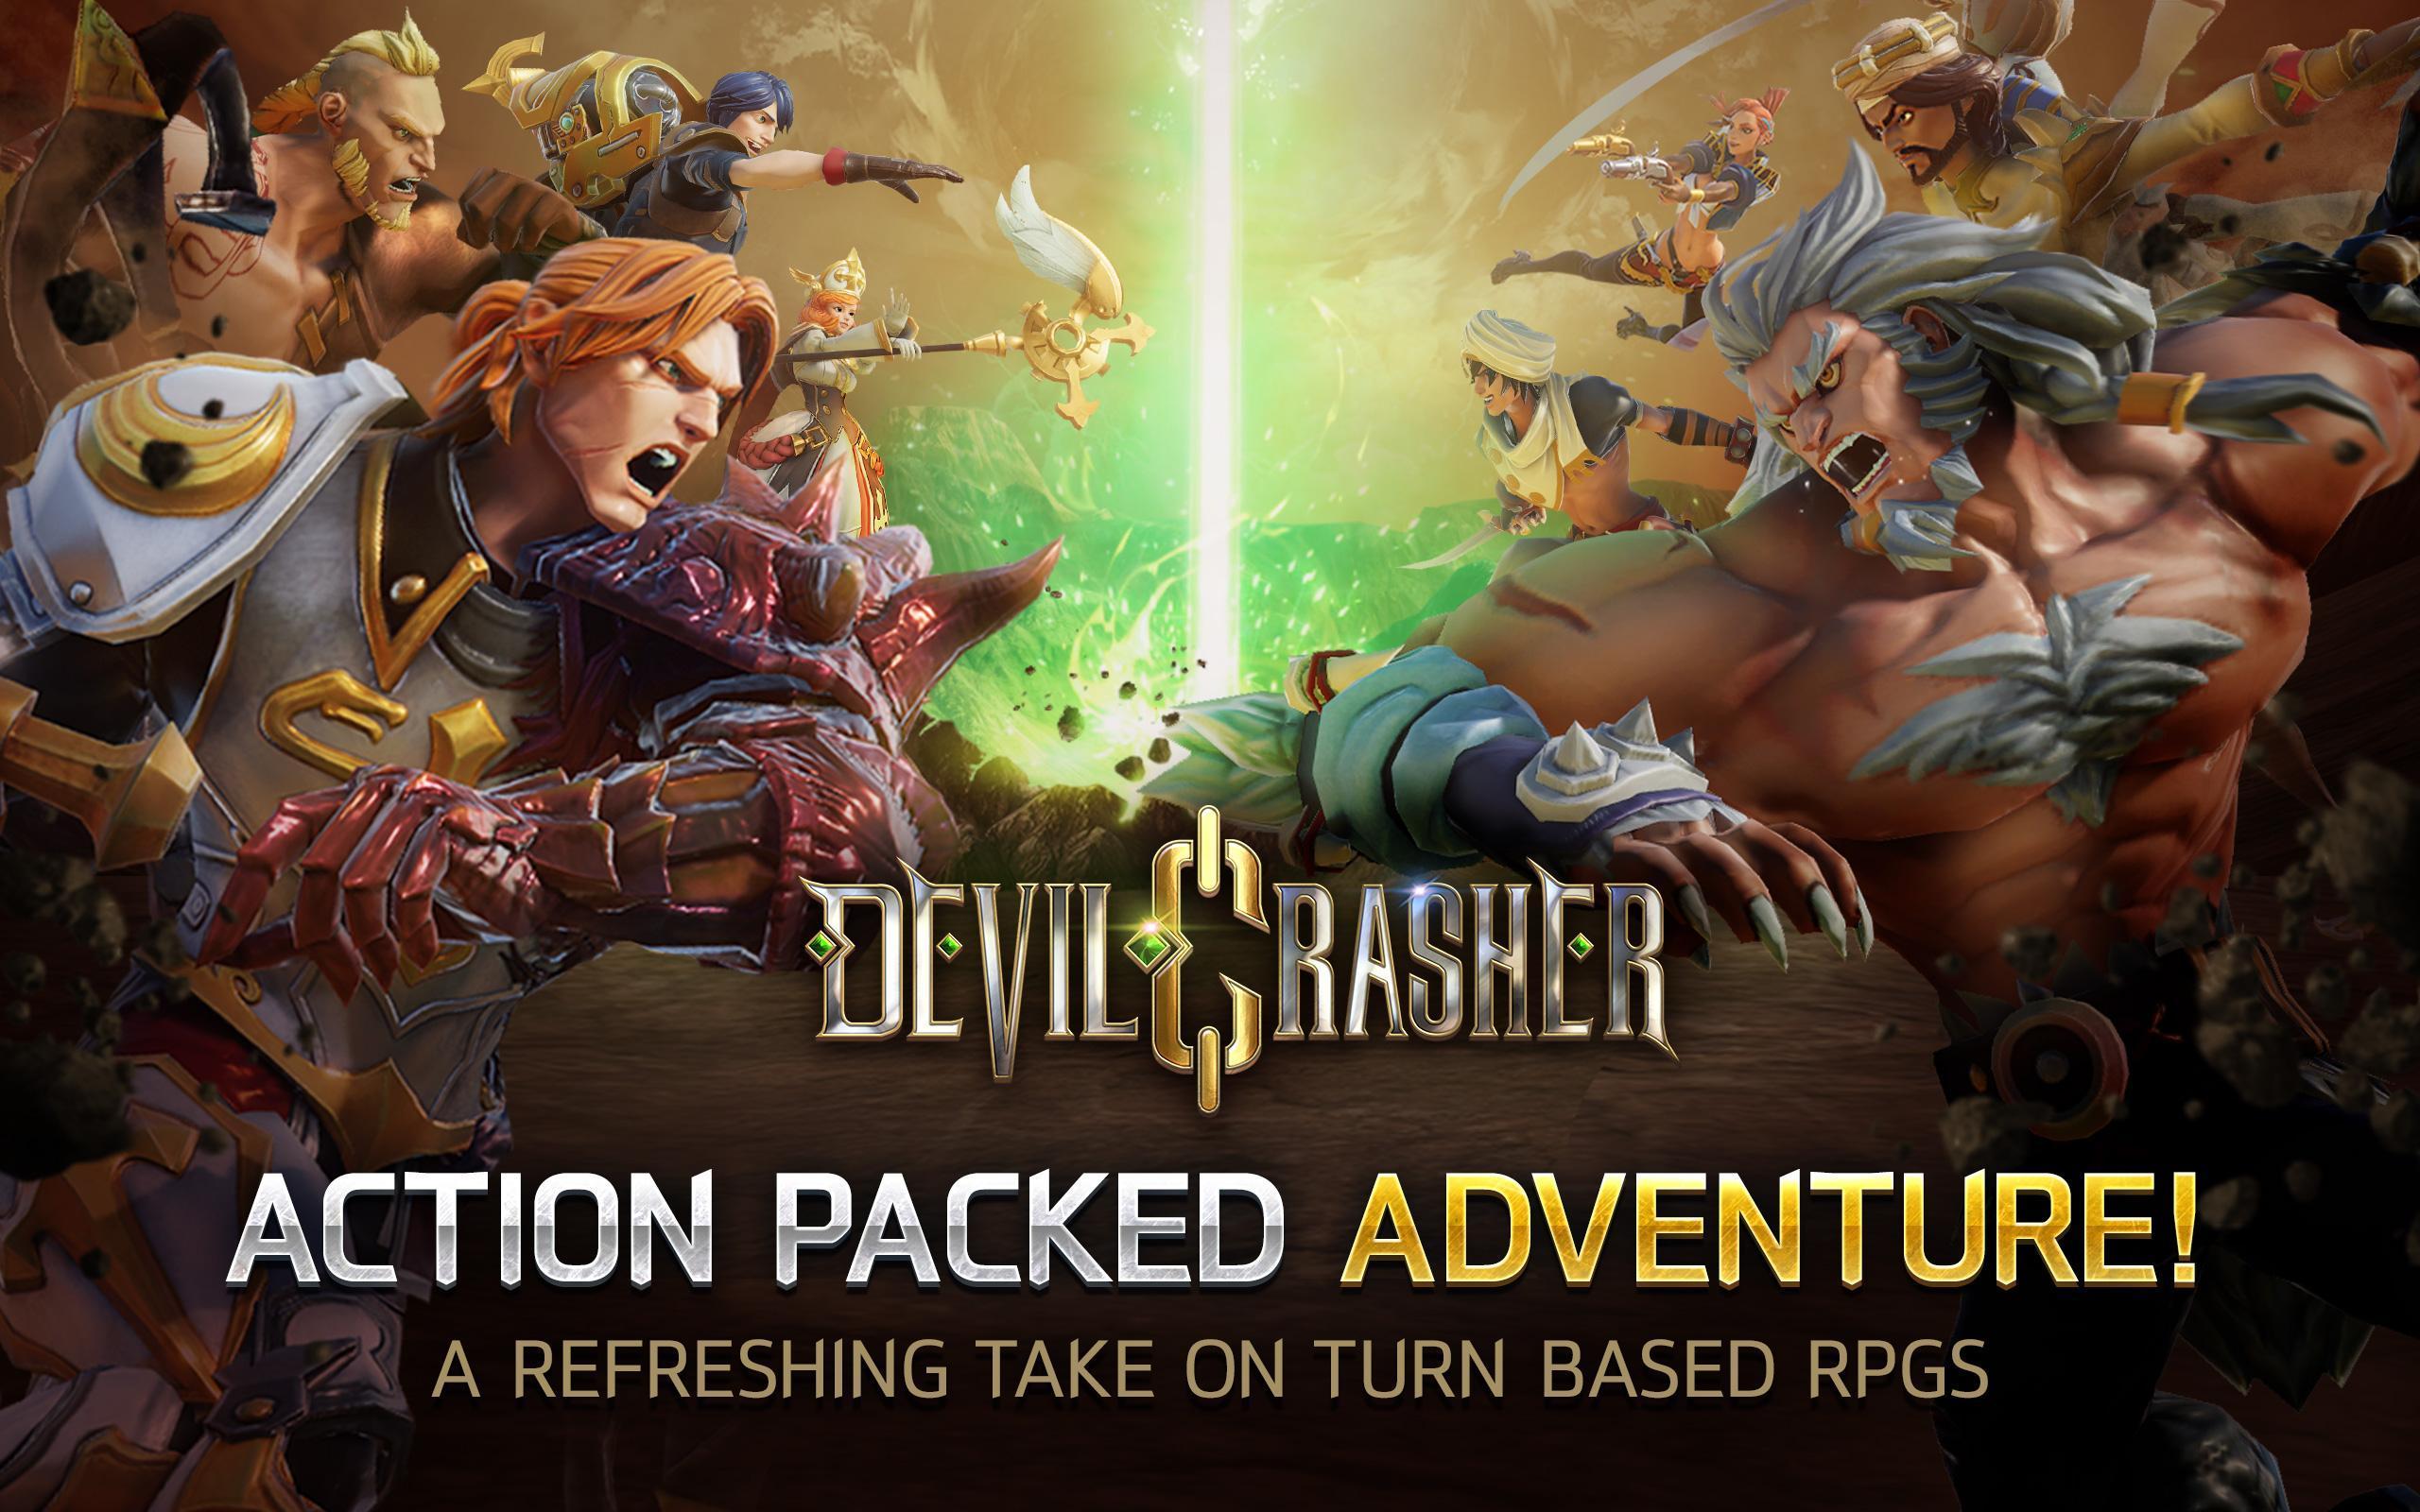 Devil Crasher for Android - APK Download